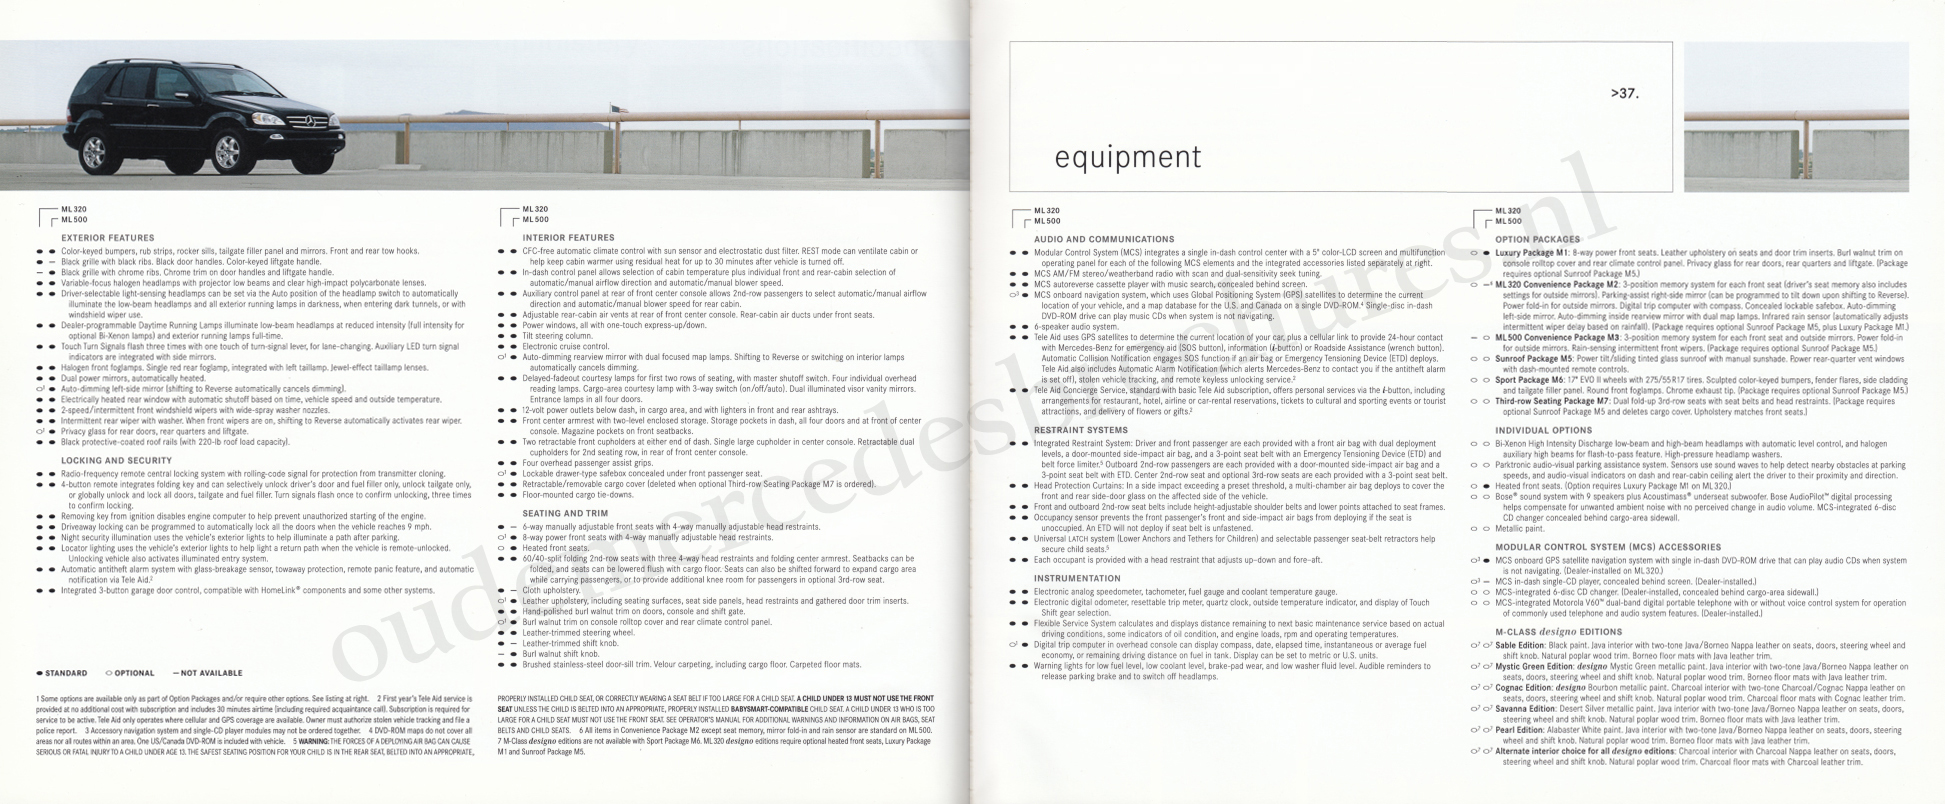 (W163): Catálogo USA 2003 - inglês 020